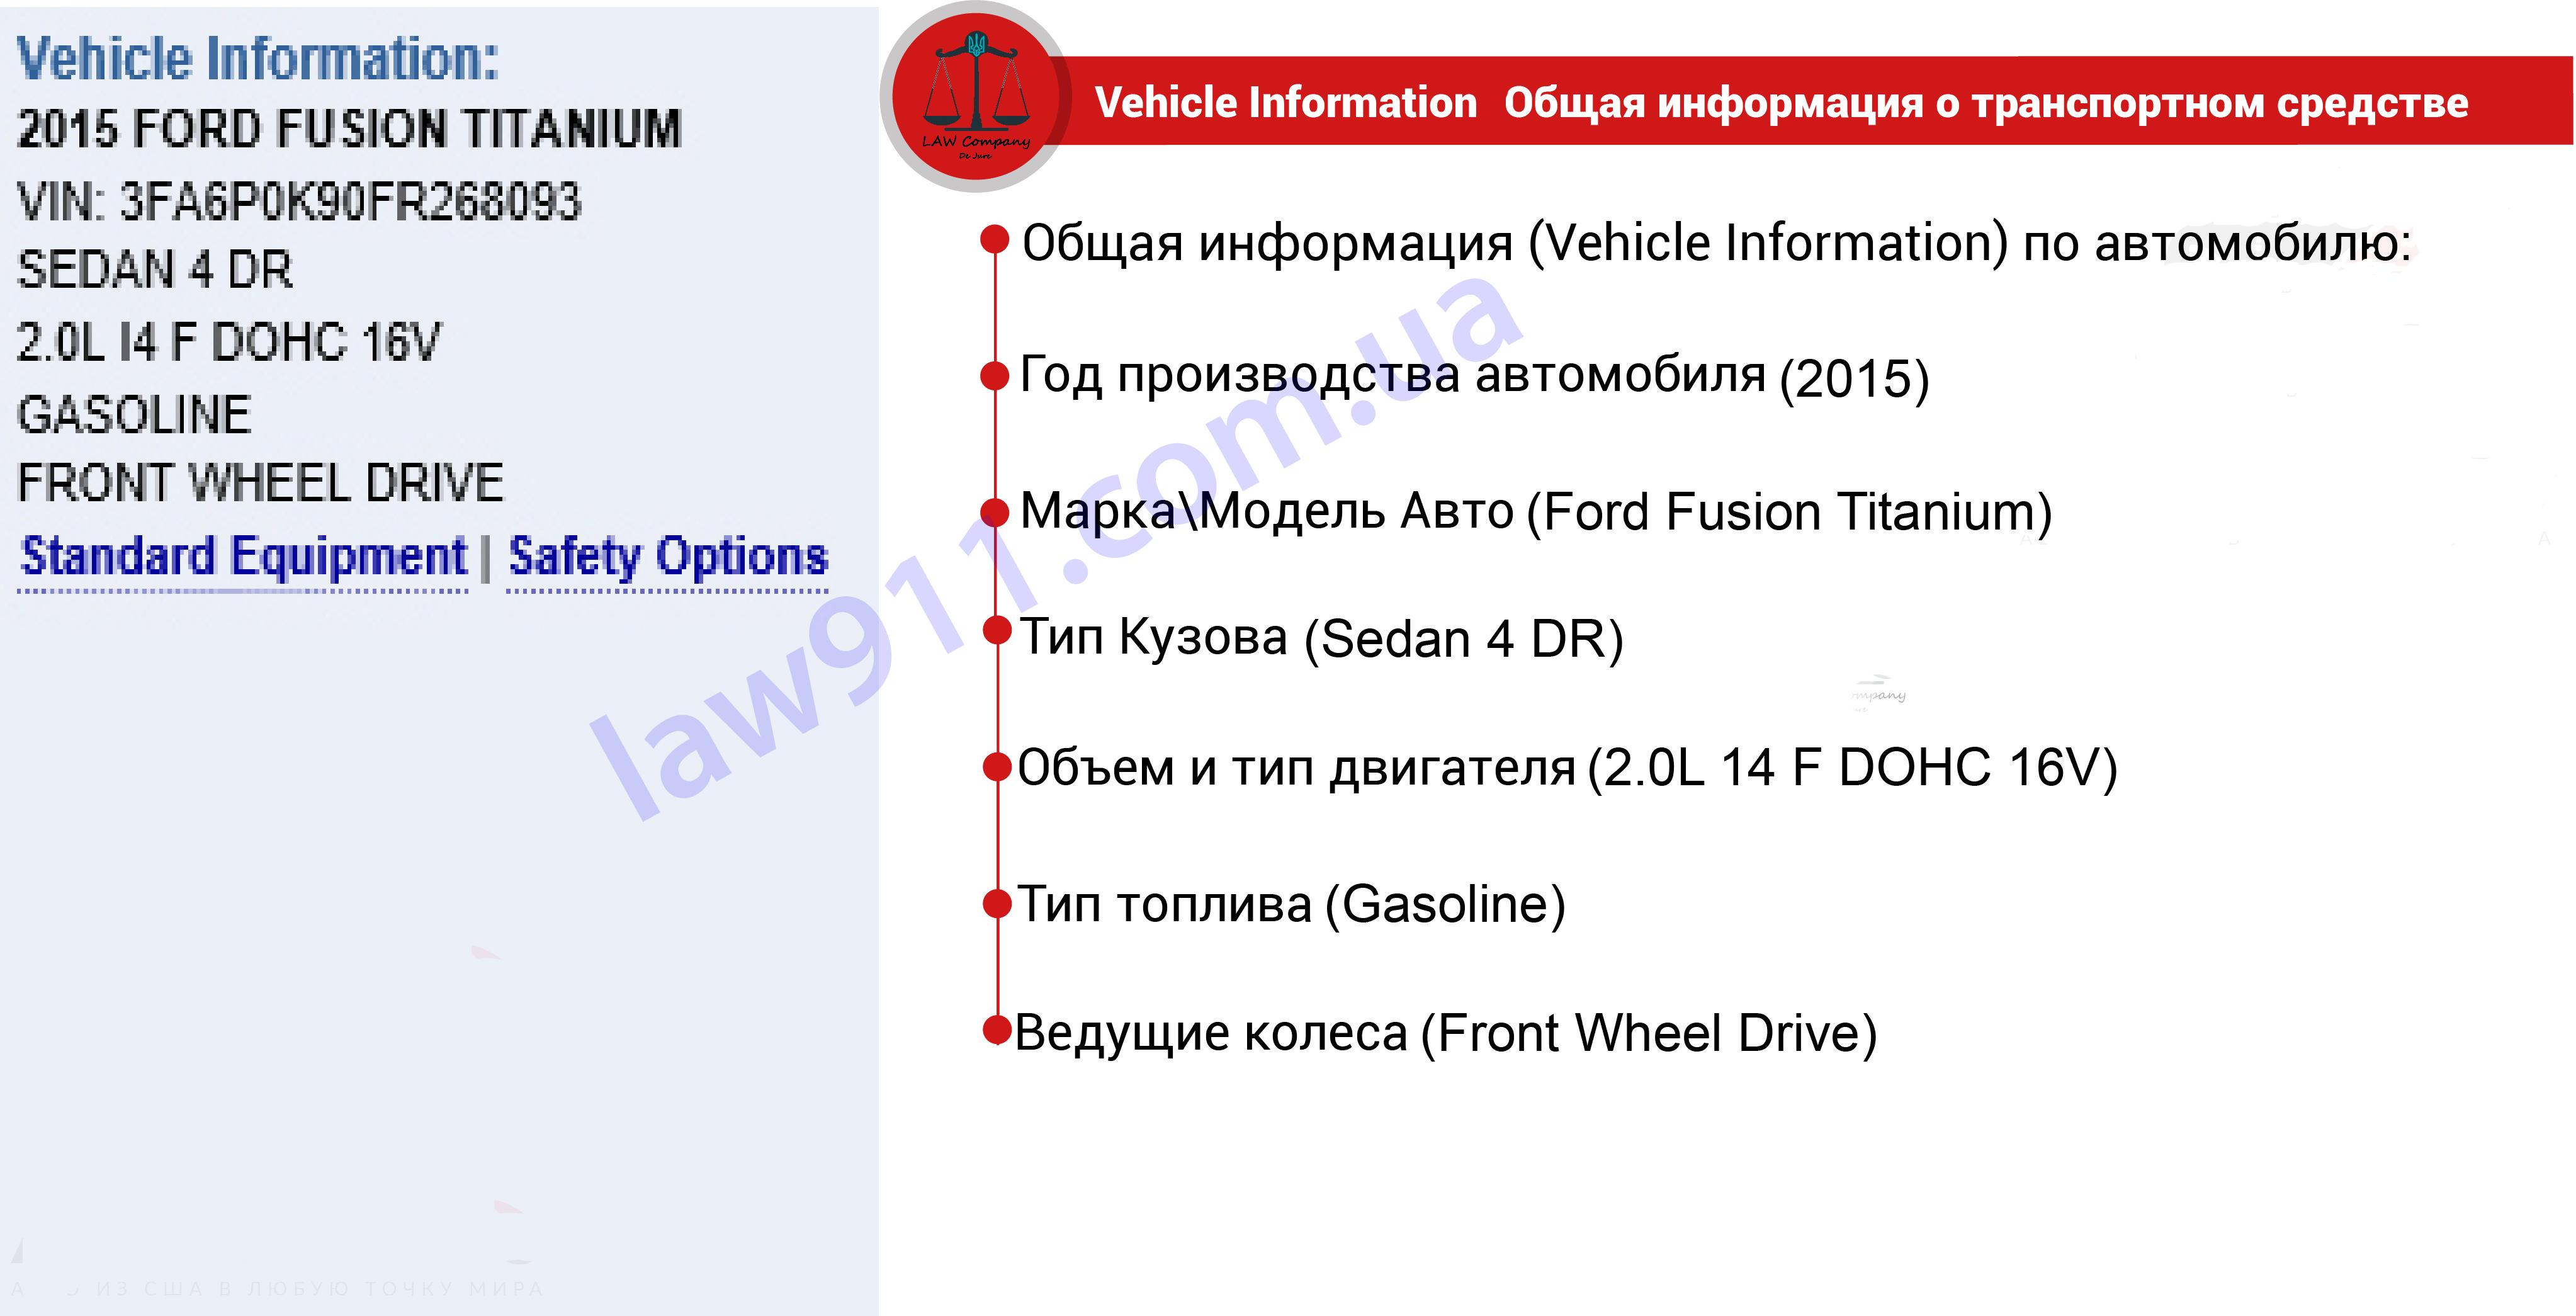 Общая информация от Carfax